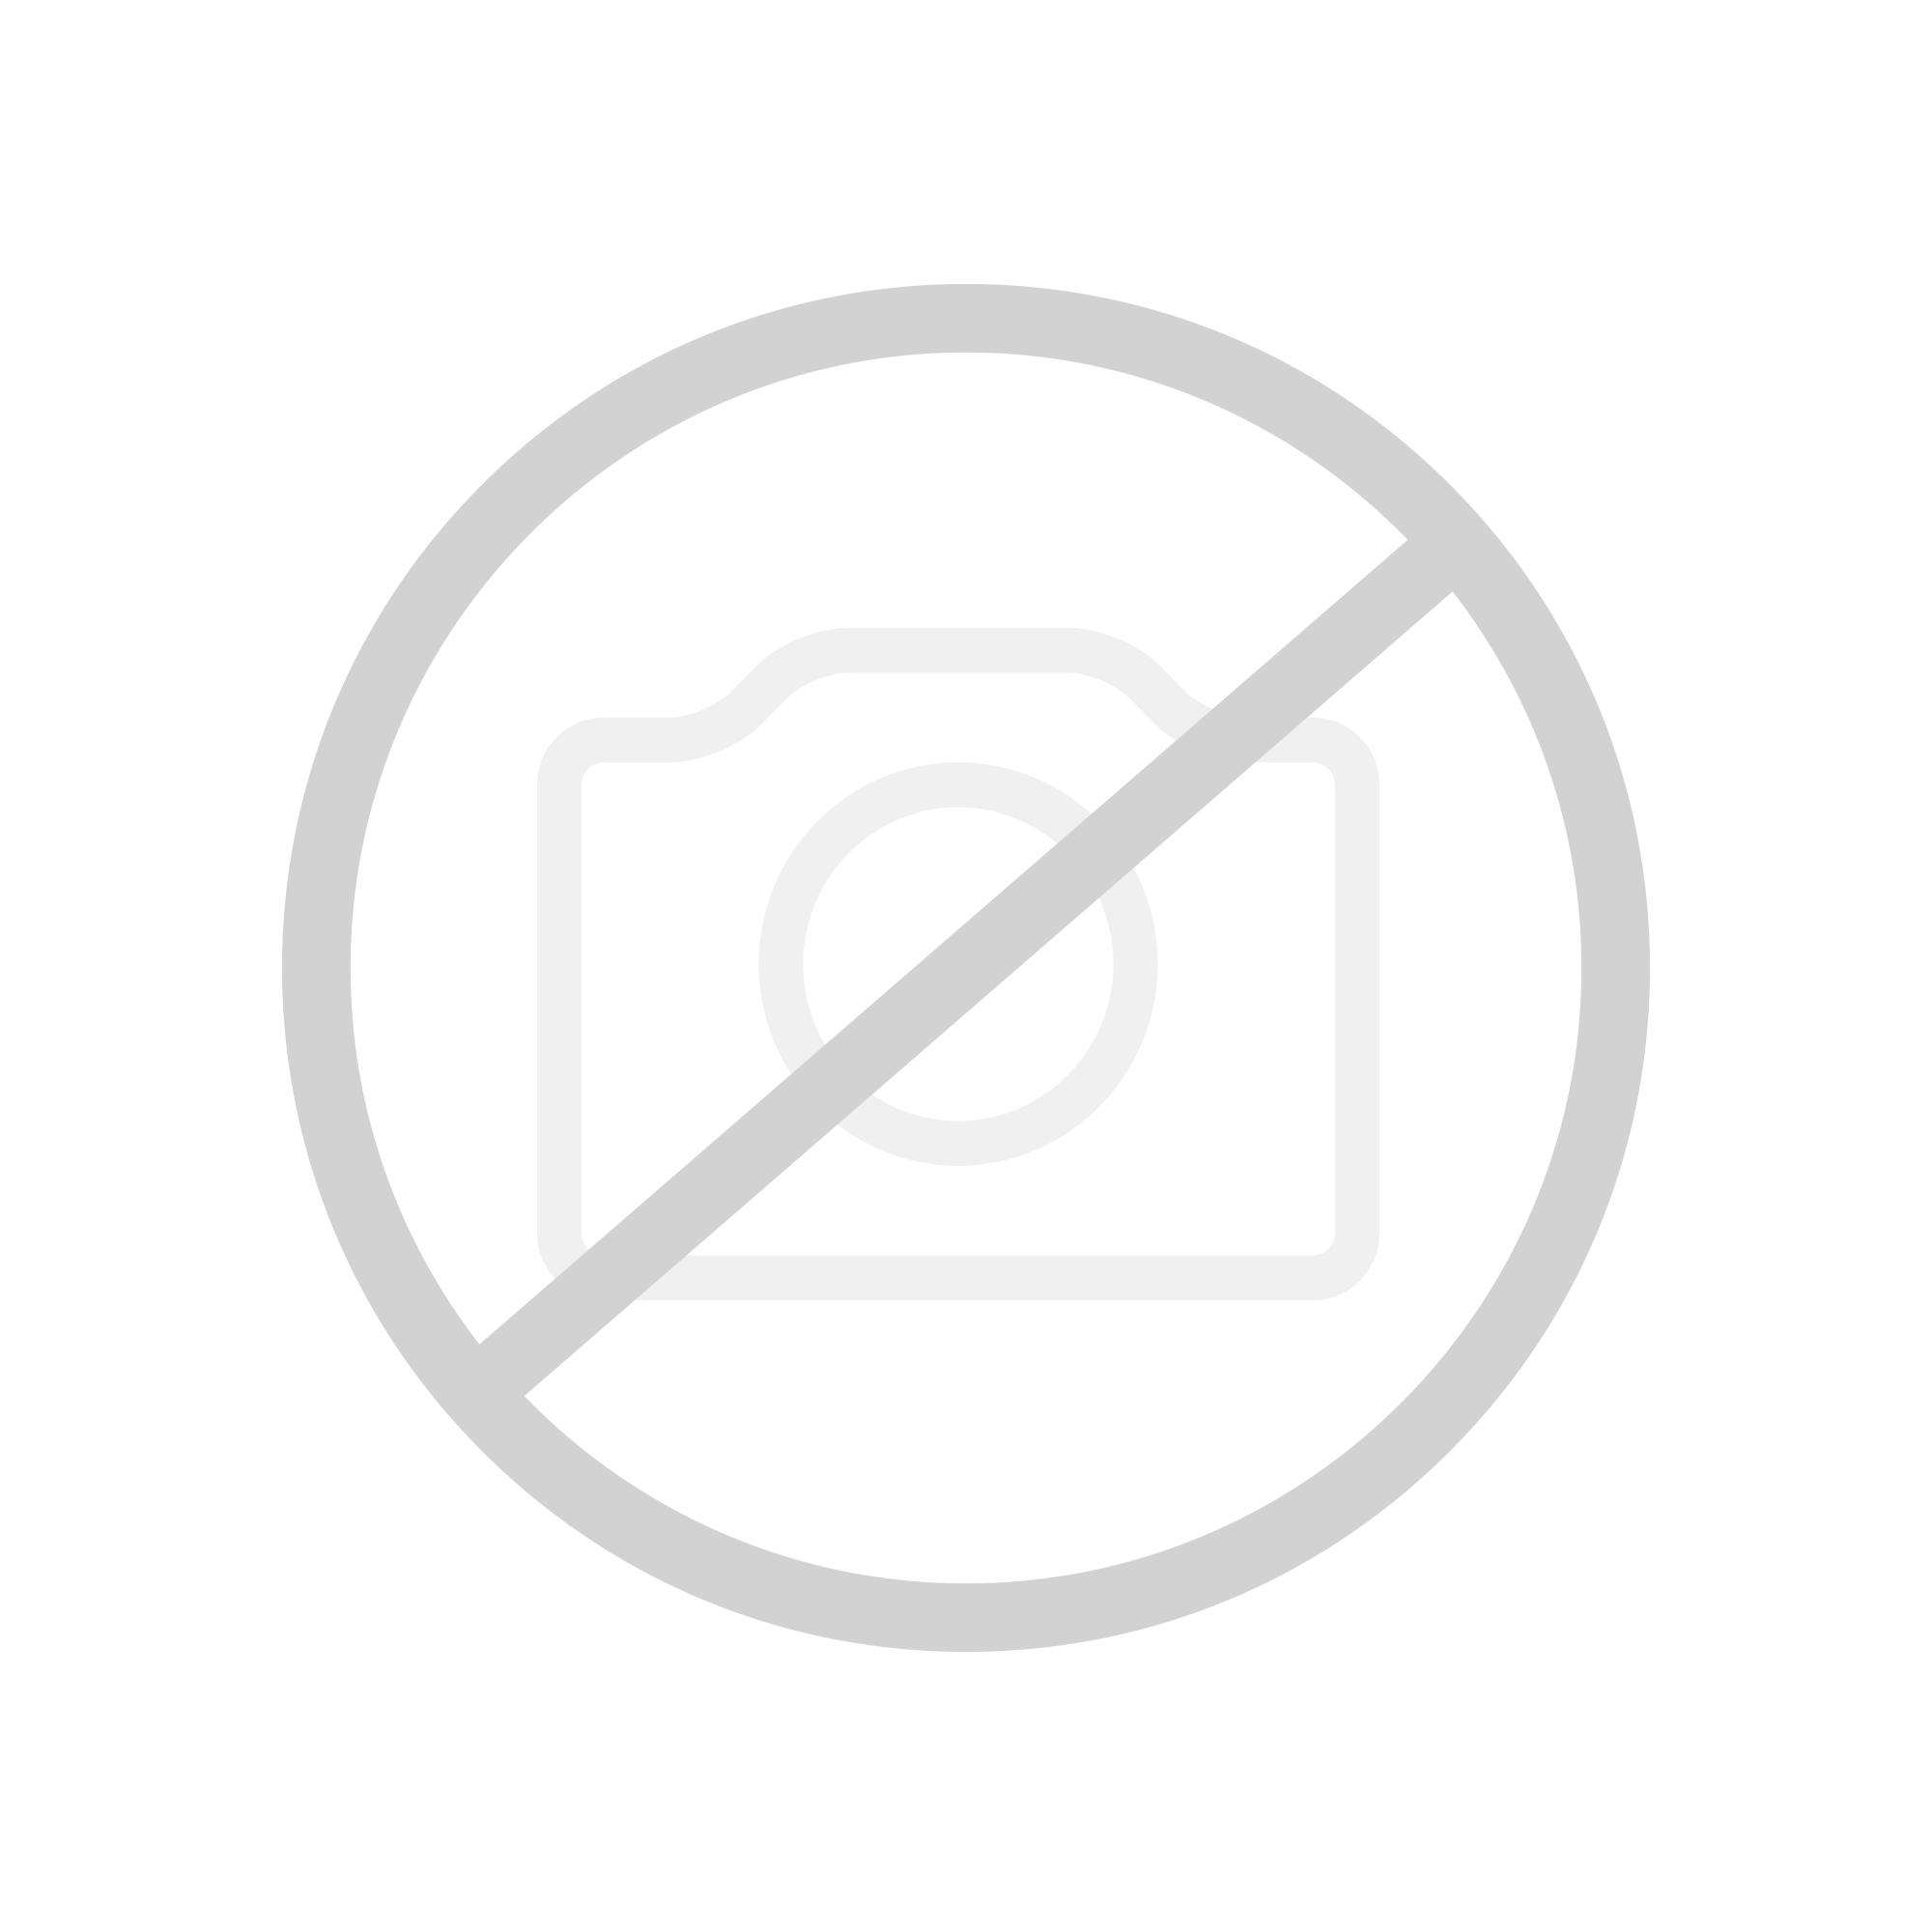 Geberit Sigma01 Betätigungsplatte für 2-Mengen-Spülung chrom hochglanz